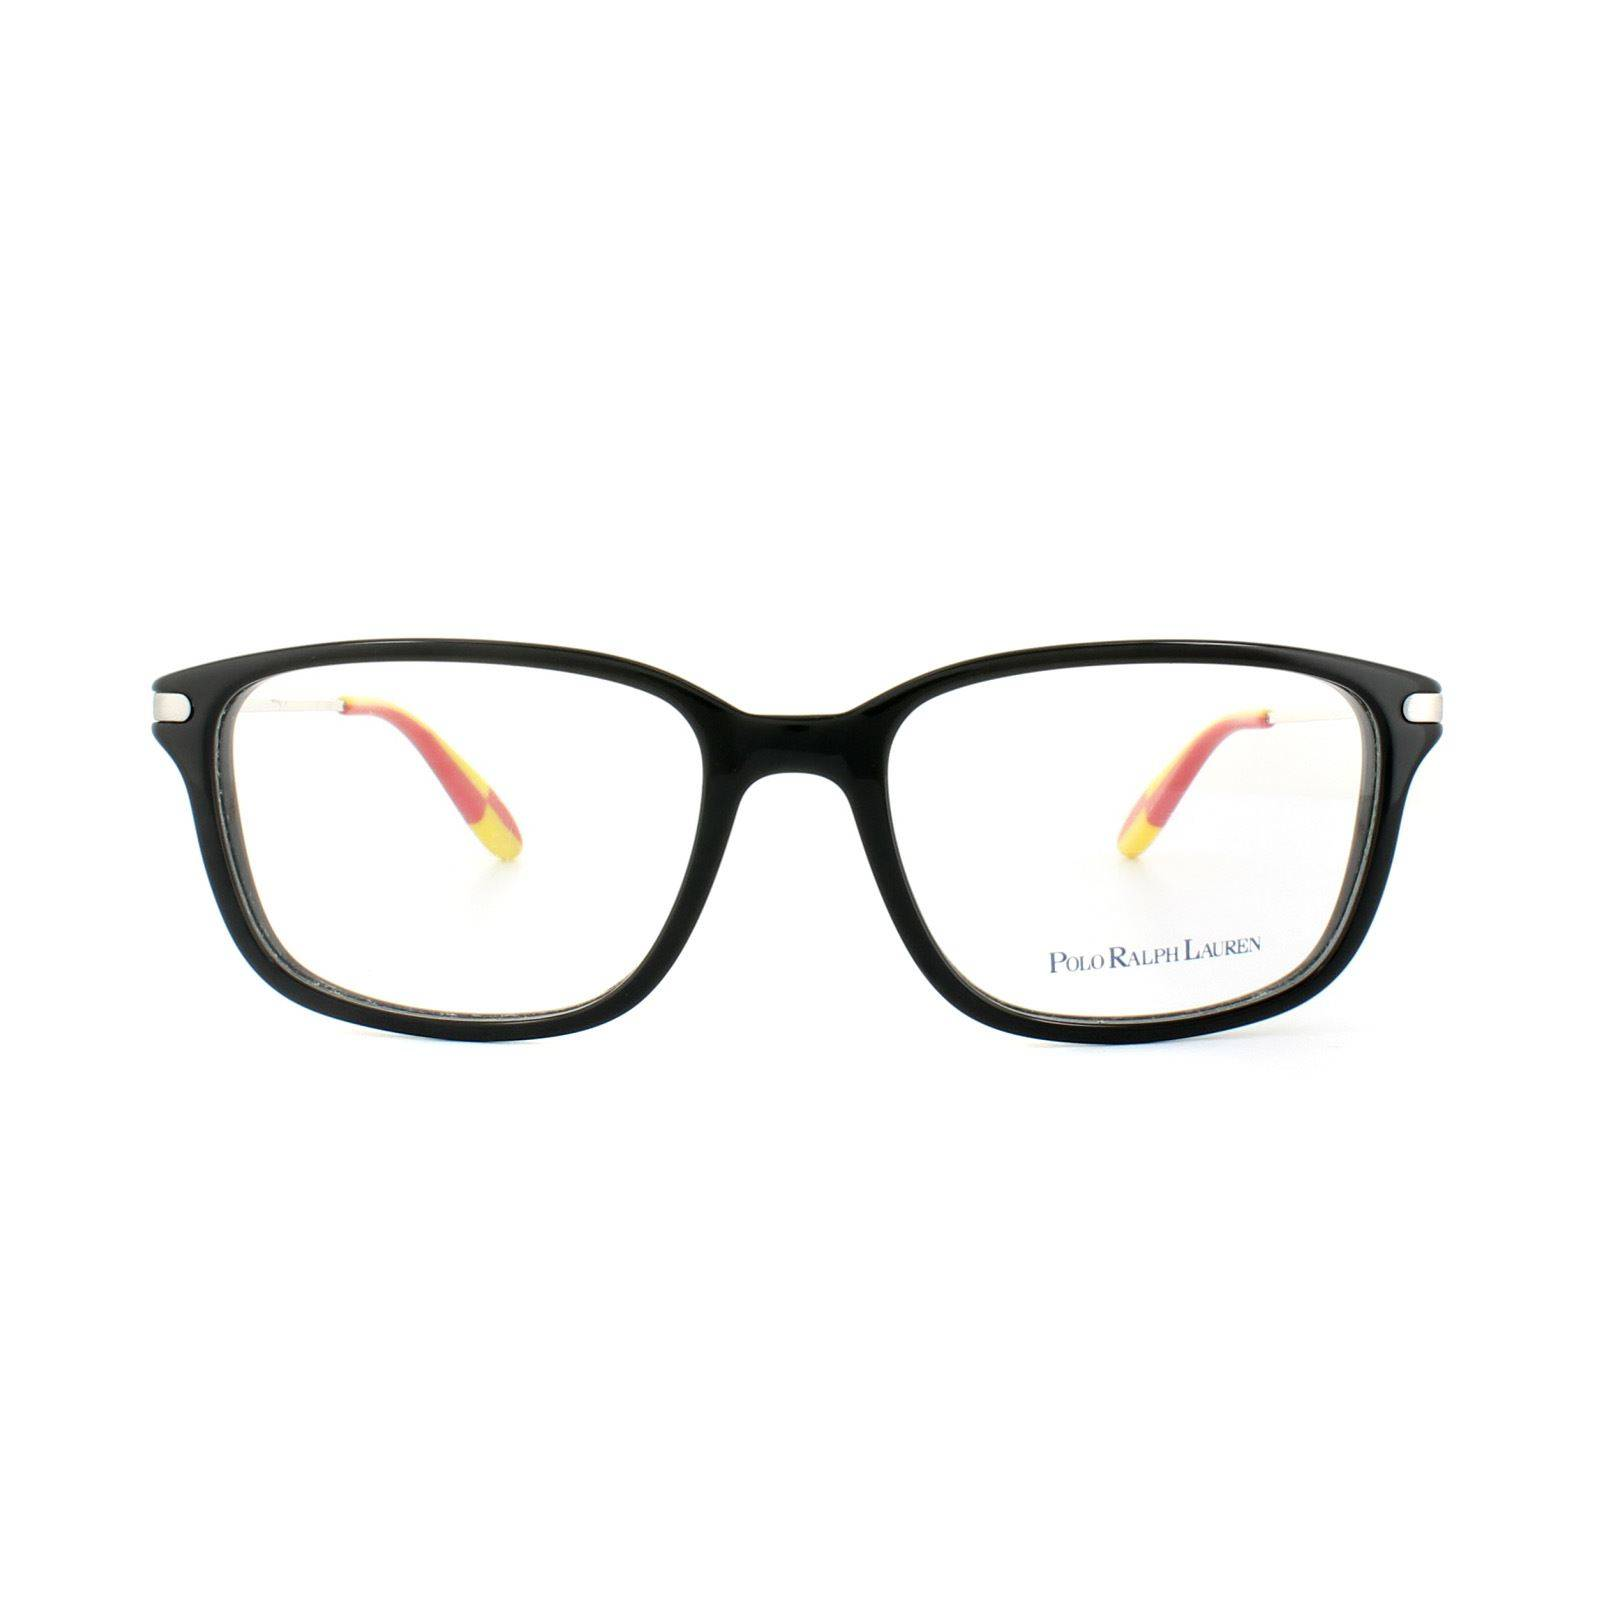 Ralph Lauren Polo Ralph Lauren Glasses Frames PH 2105 5001 Black Mens 53mm